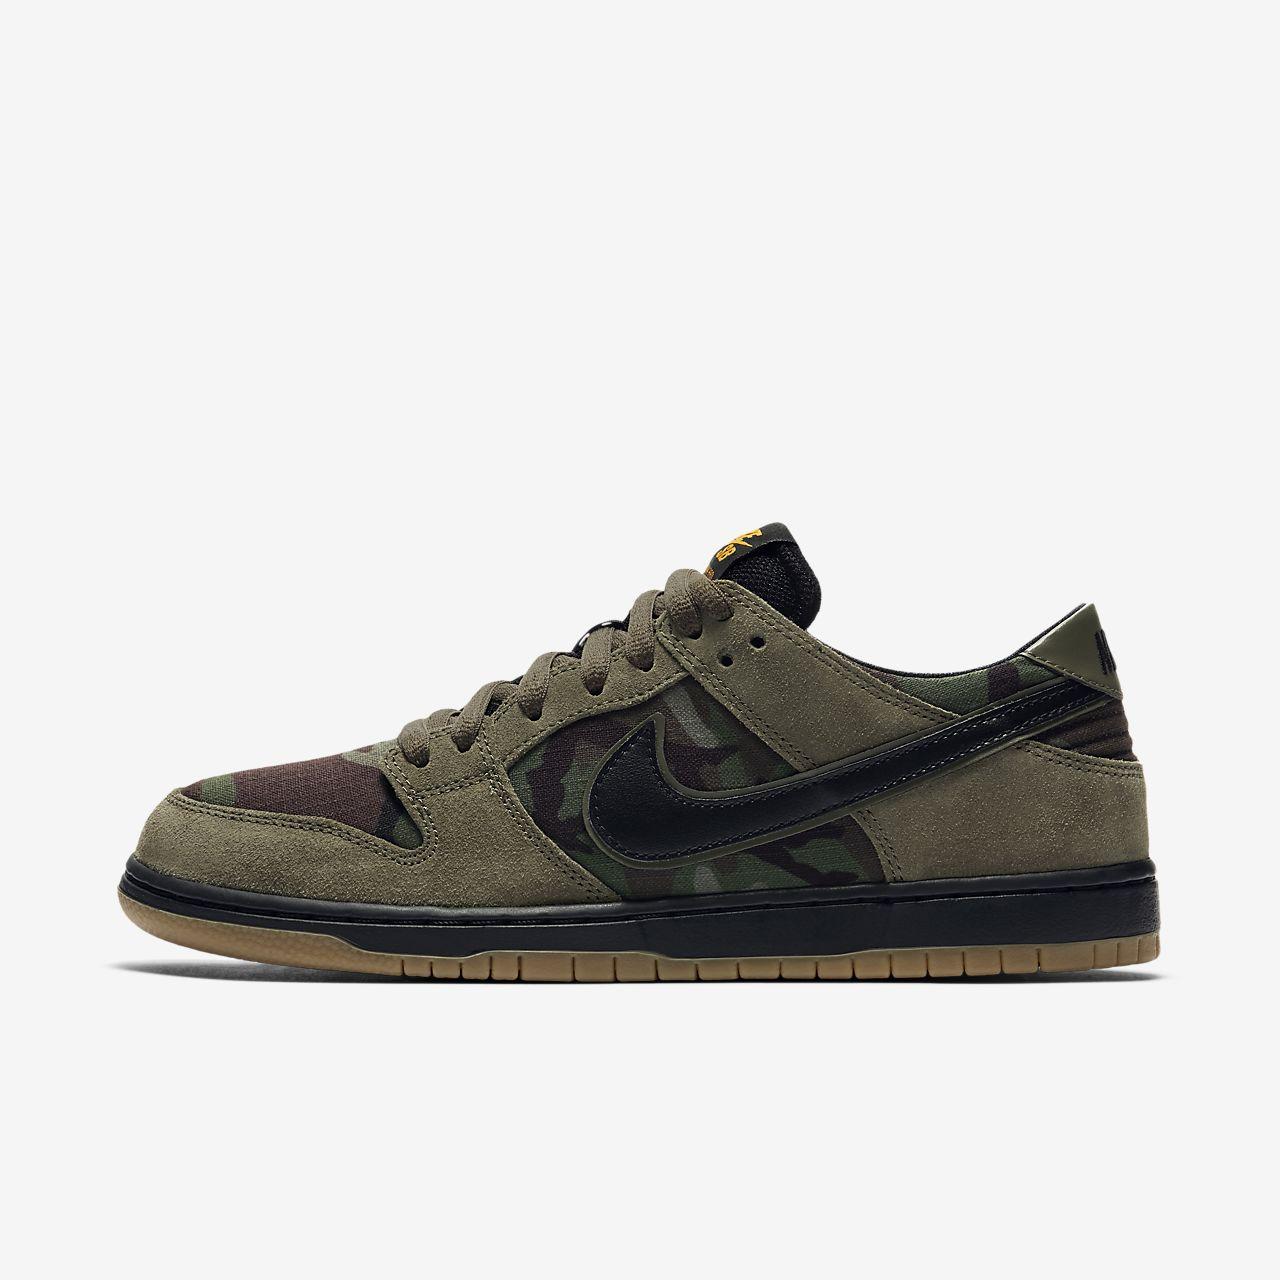 Hommes Nike Dunk Sneakers Bas, 47,5 Eu - Gris - 40 Eu